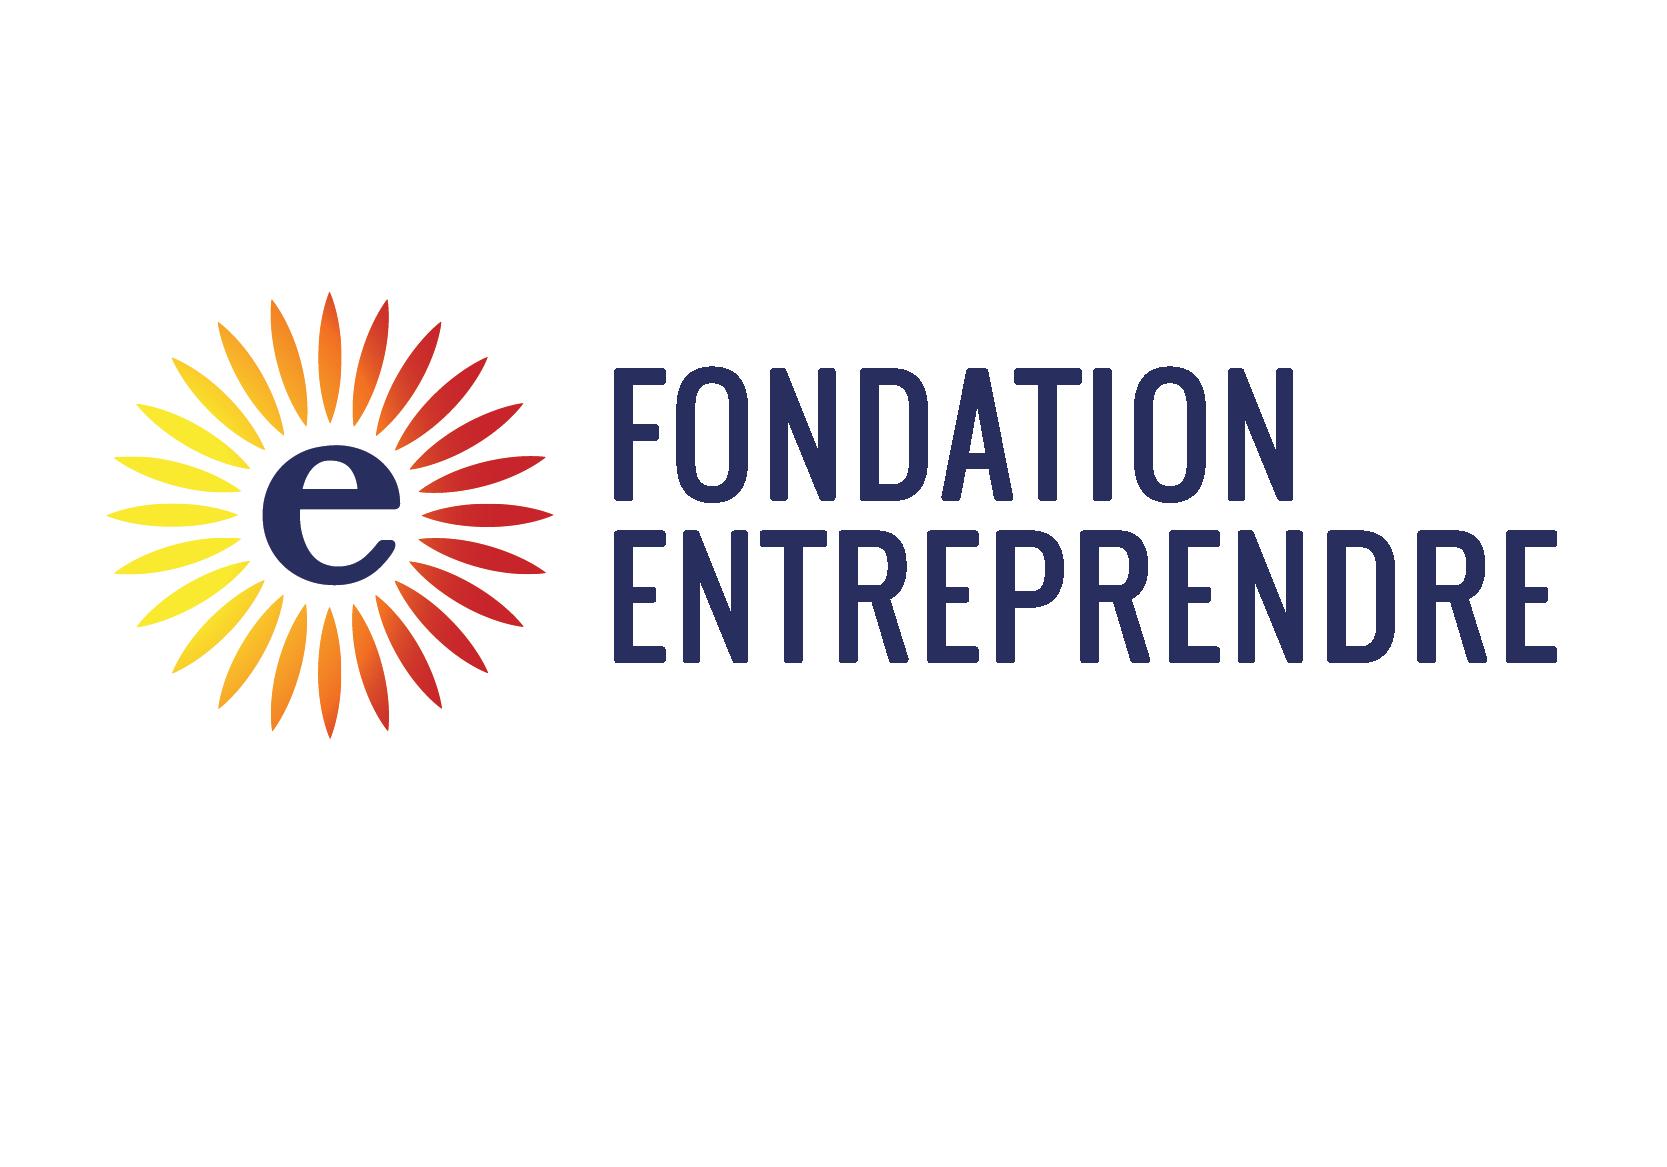 Fondation Entreprendre (Entrepreneurs Domain)